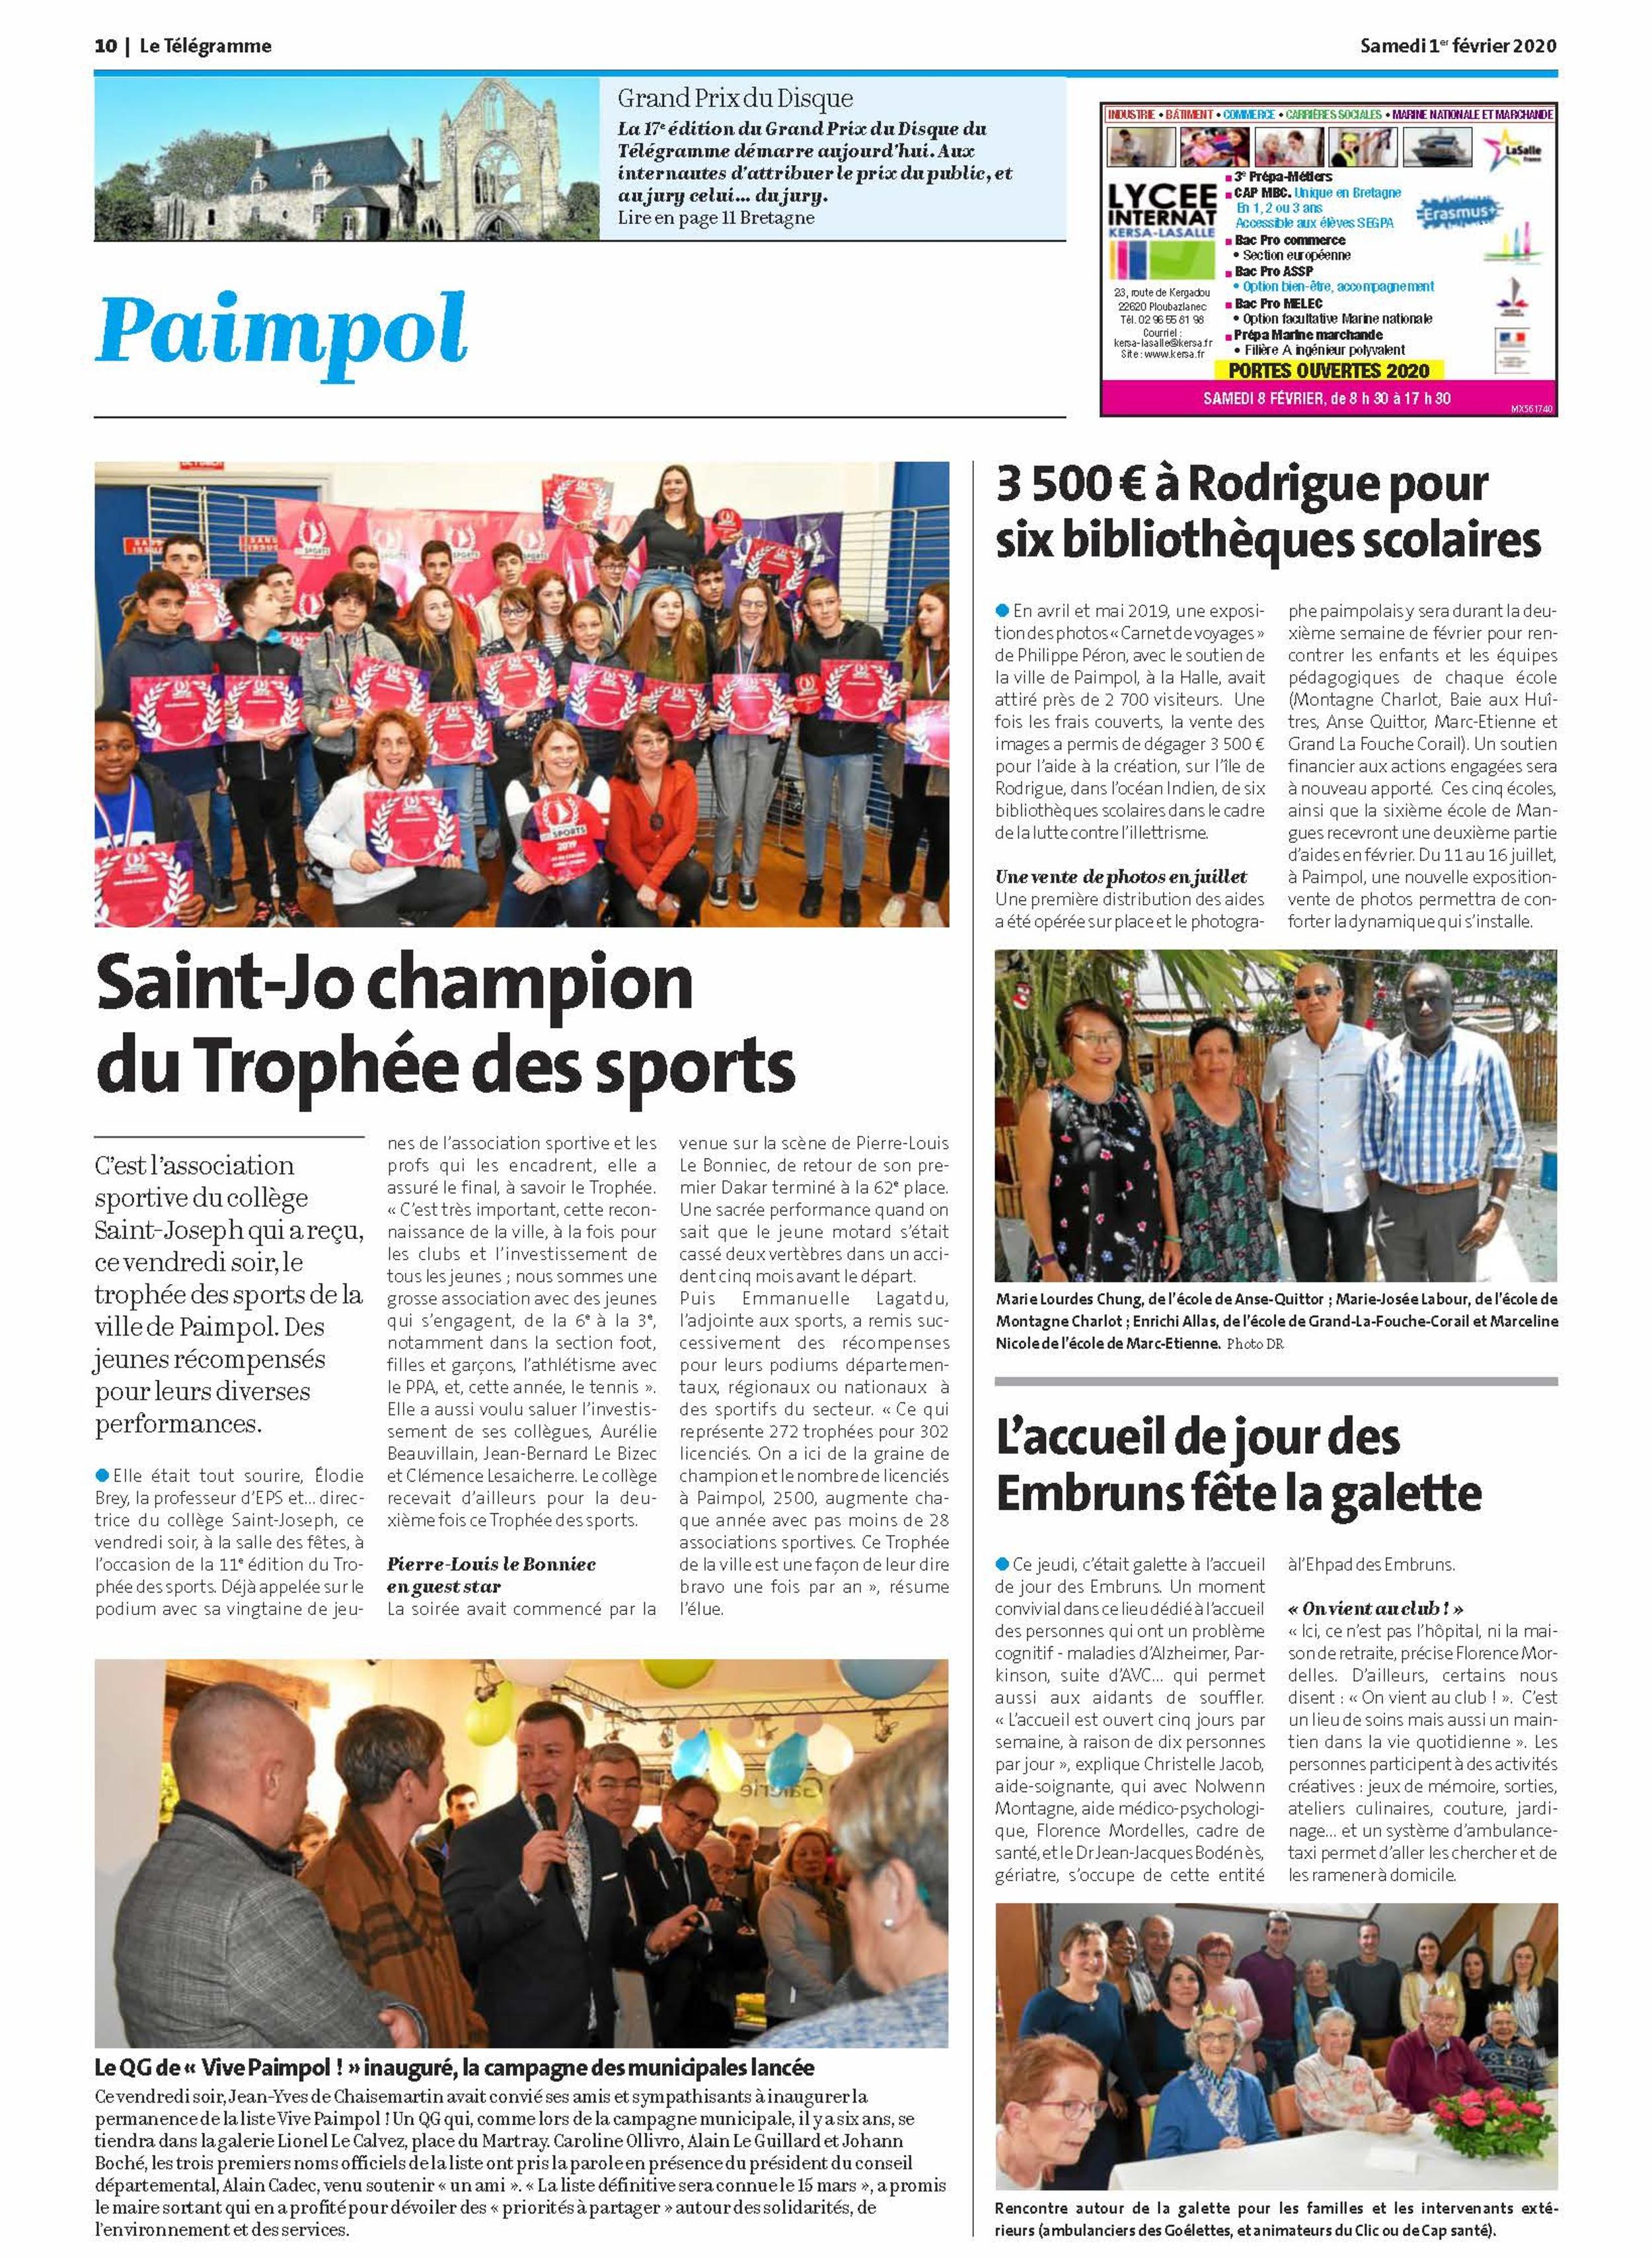 """Le QG de """"Vive Paimpol !"""" inauguré, la campagne des municipales lancée"""